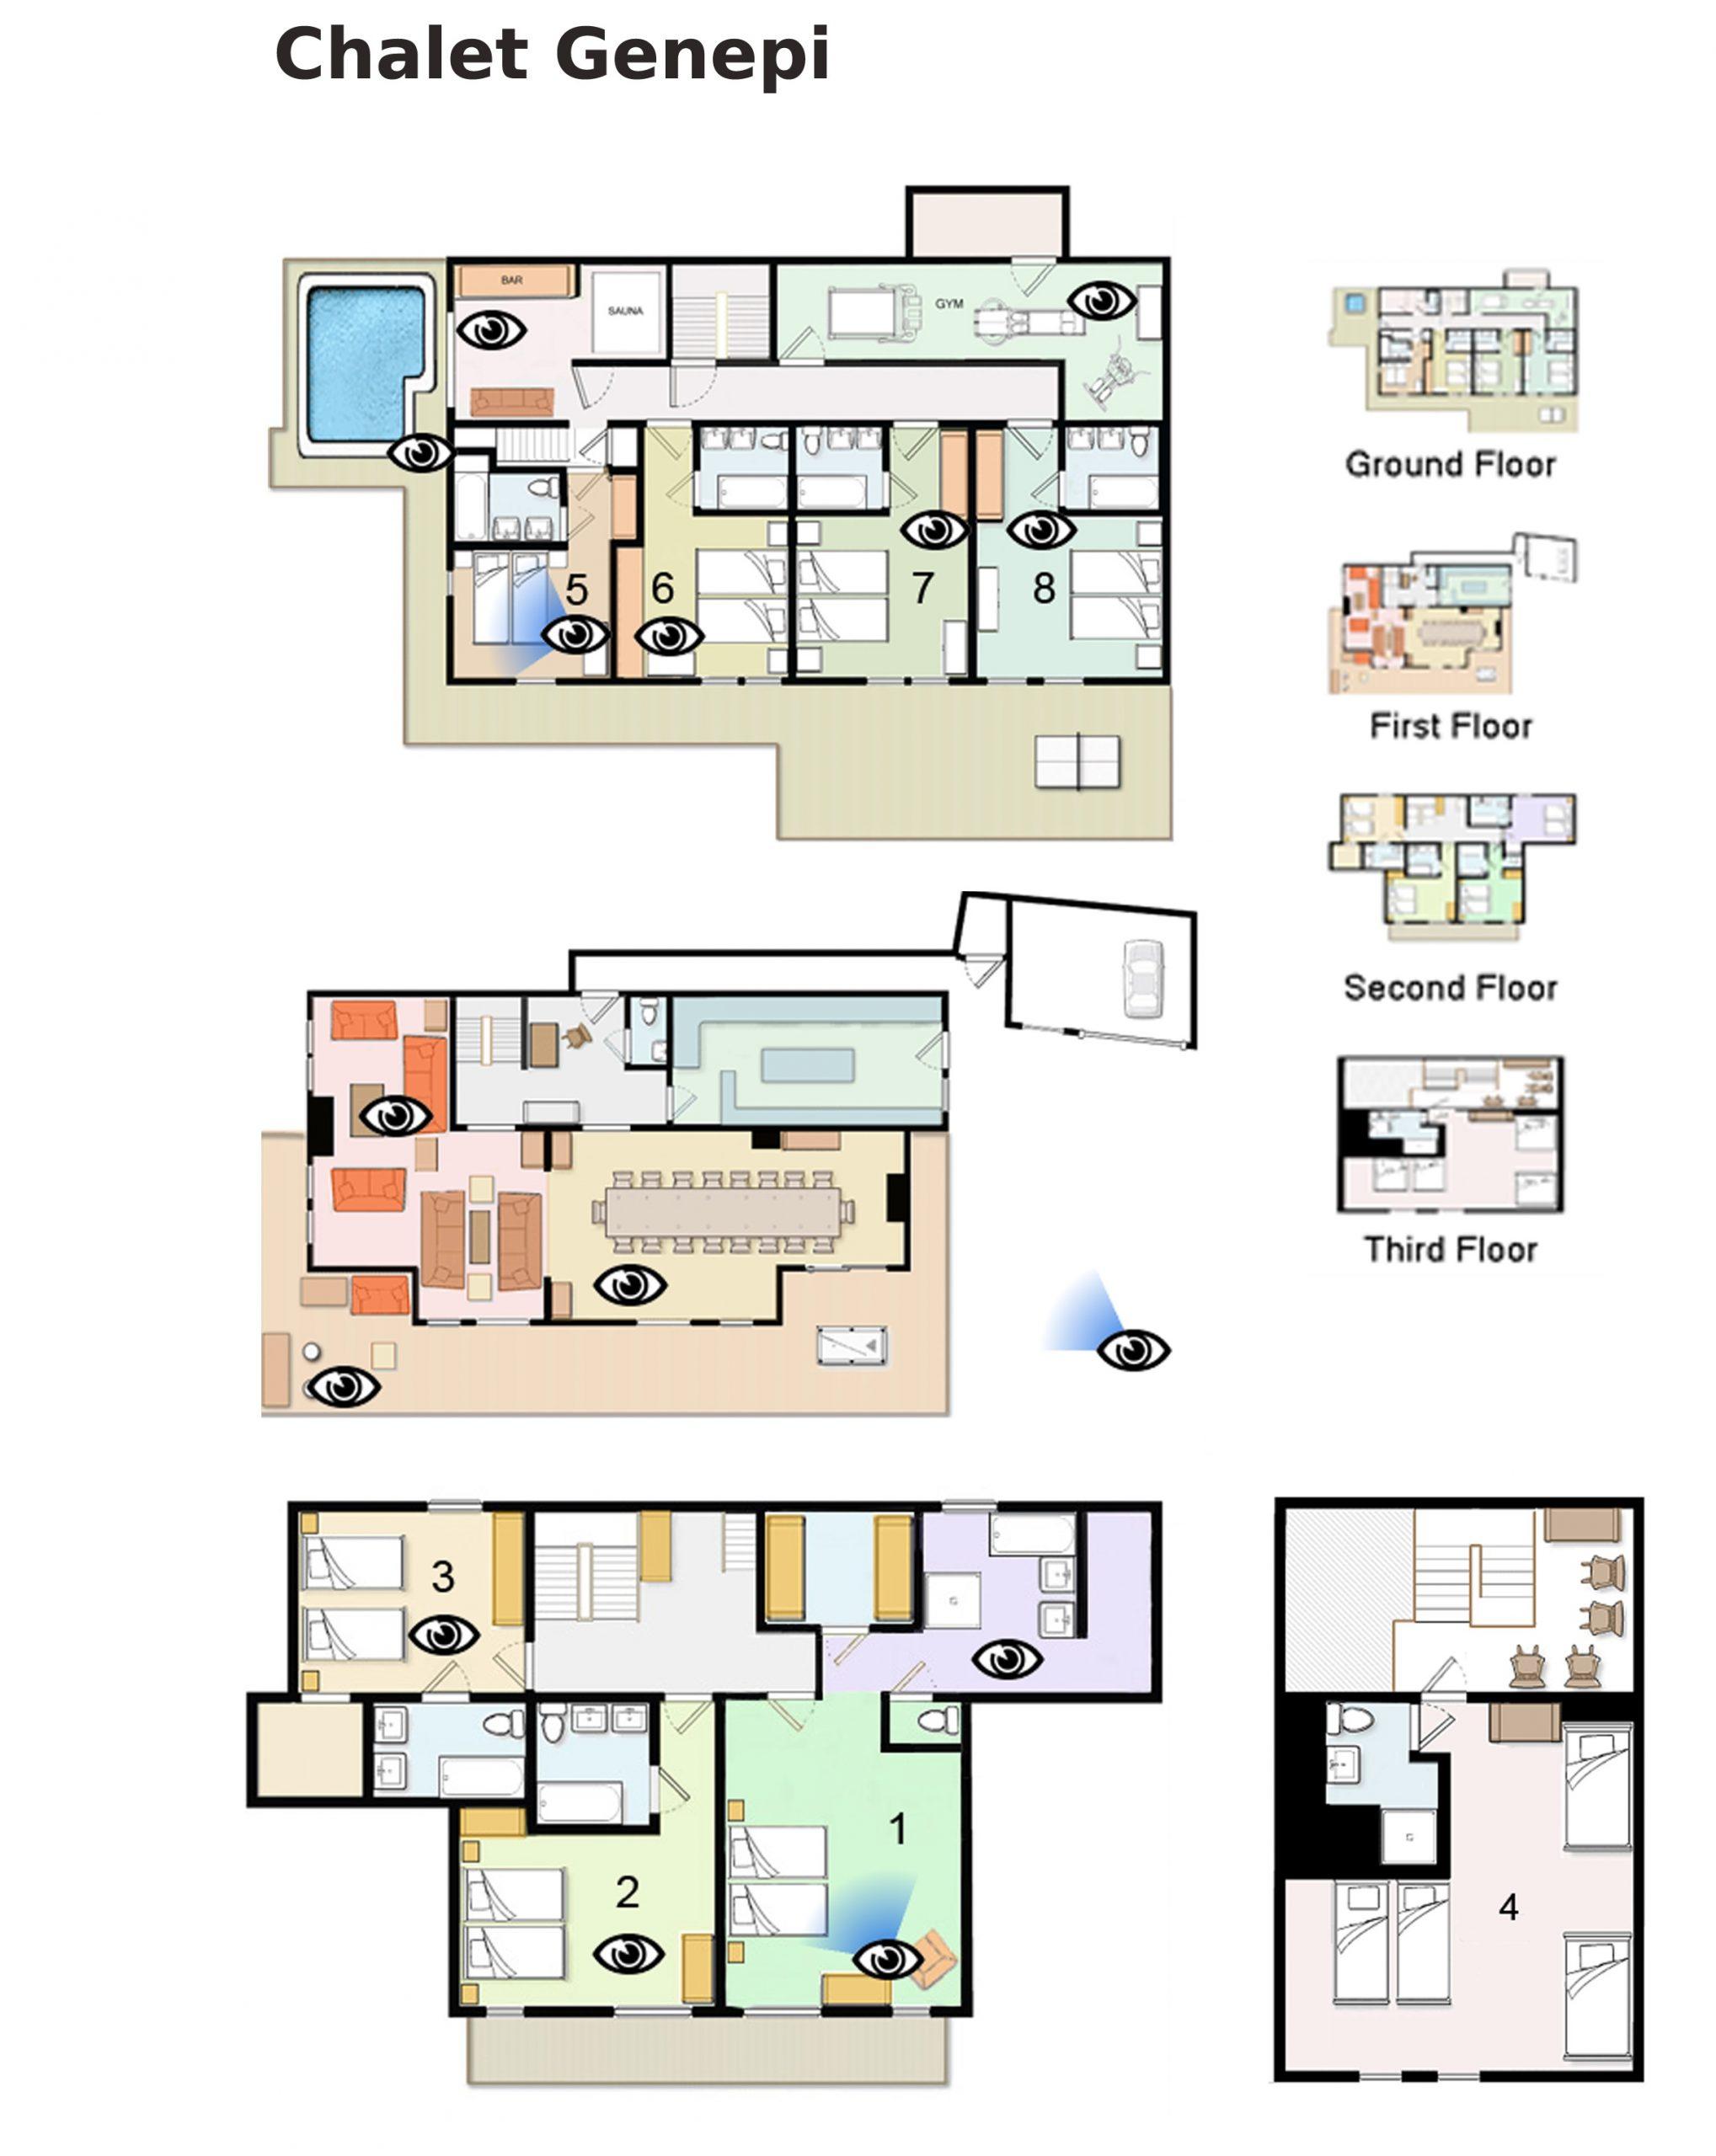 Floor Plan of Chalet Genepi Meribel